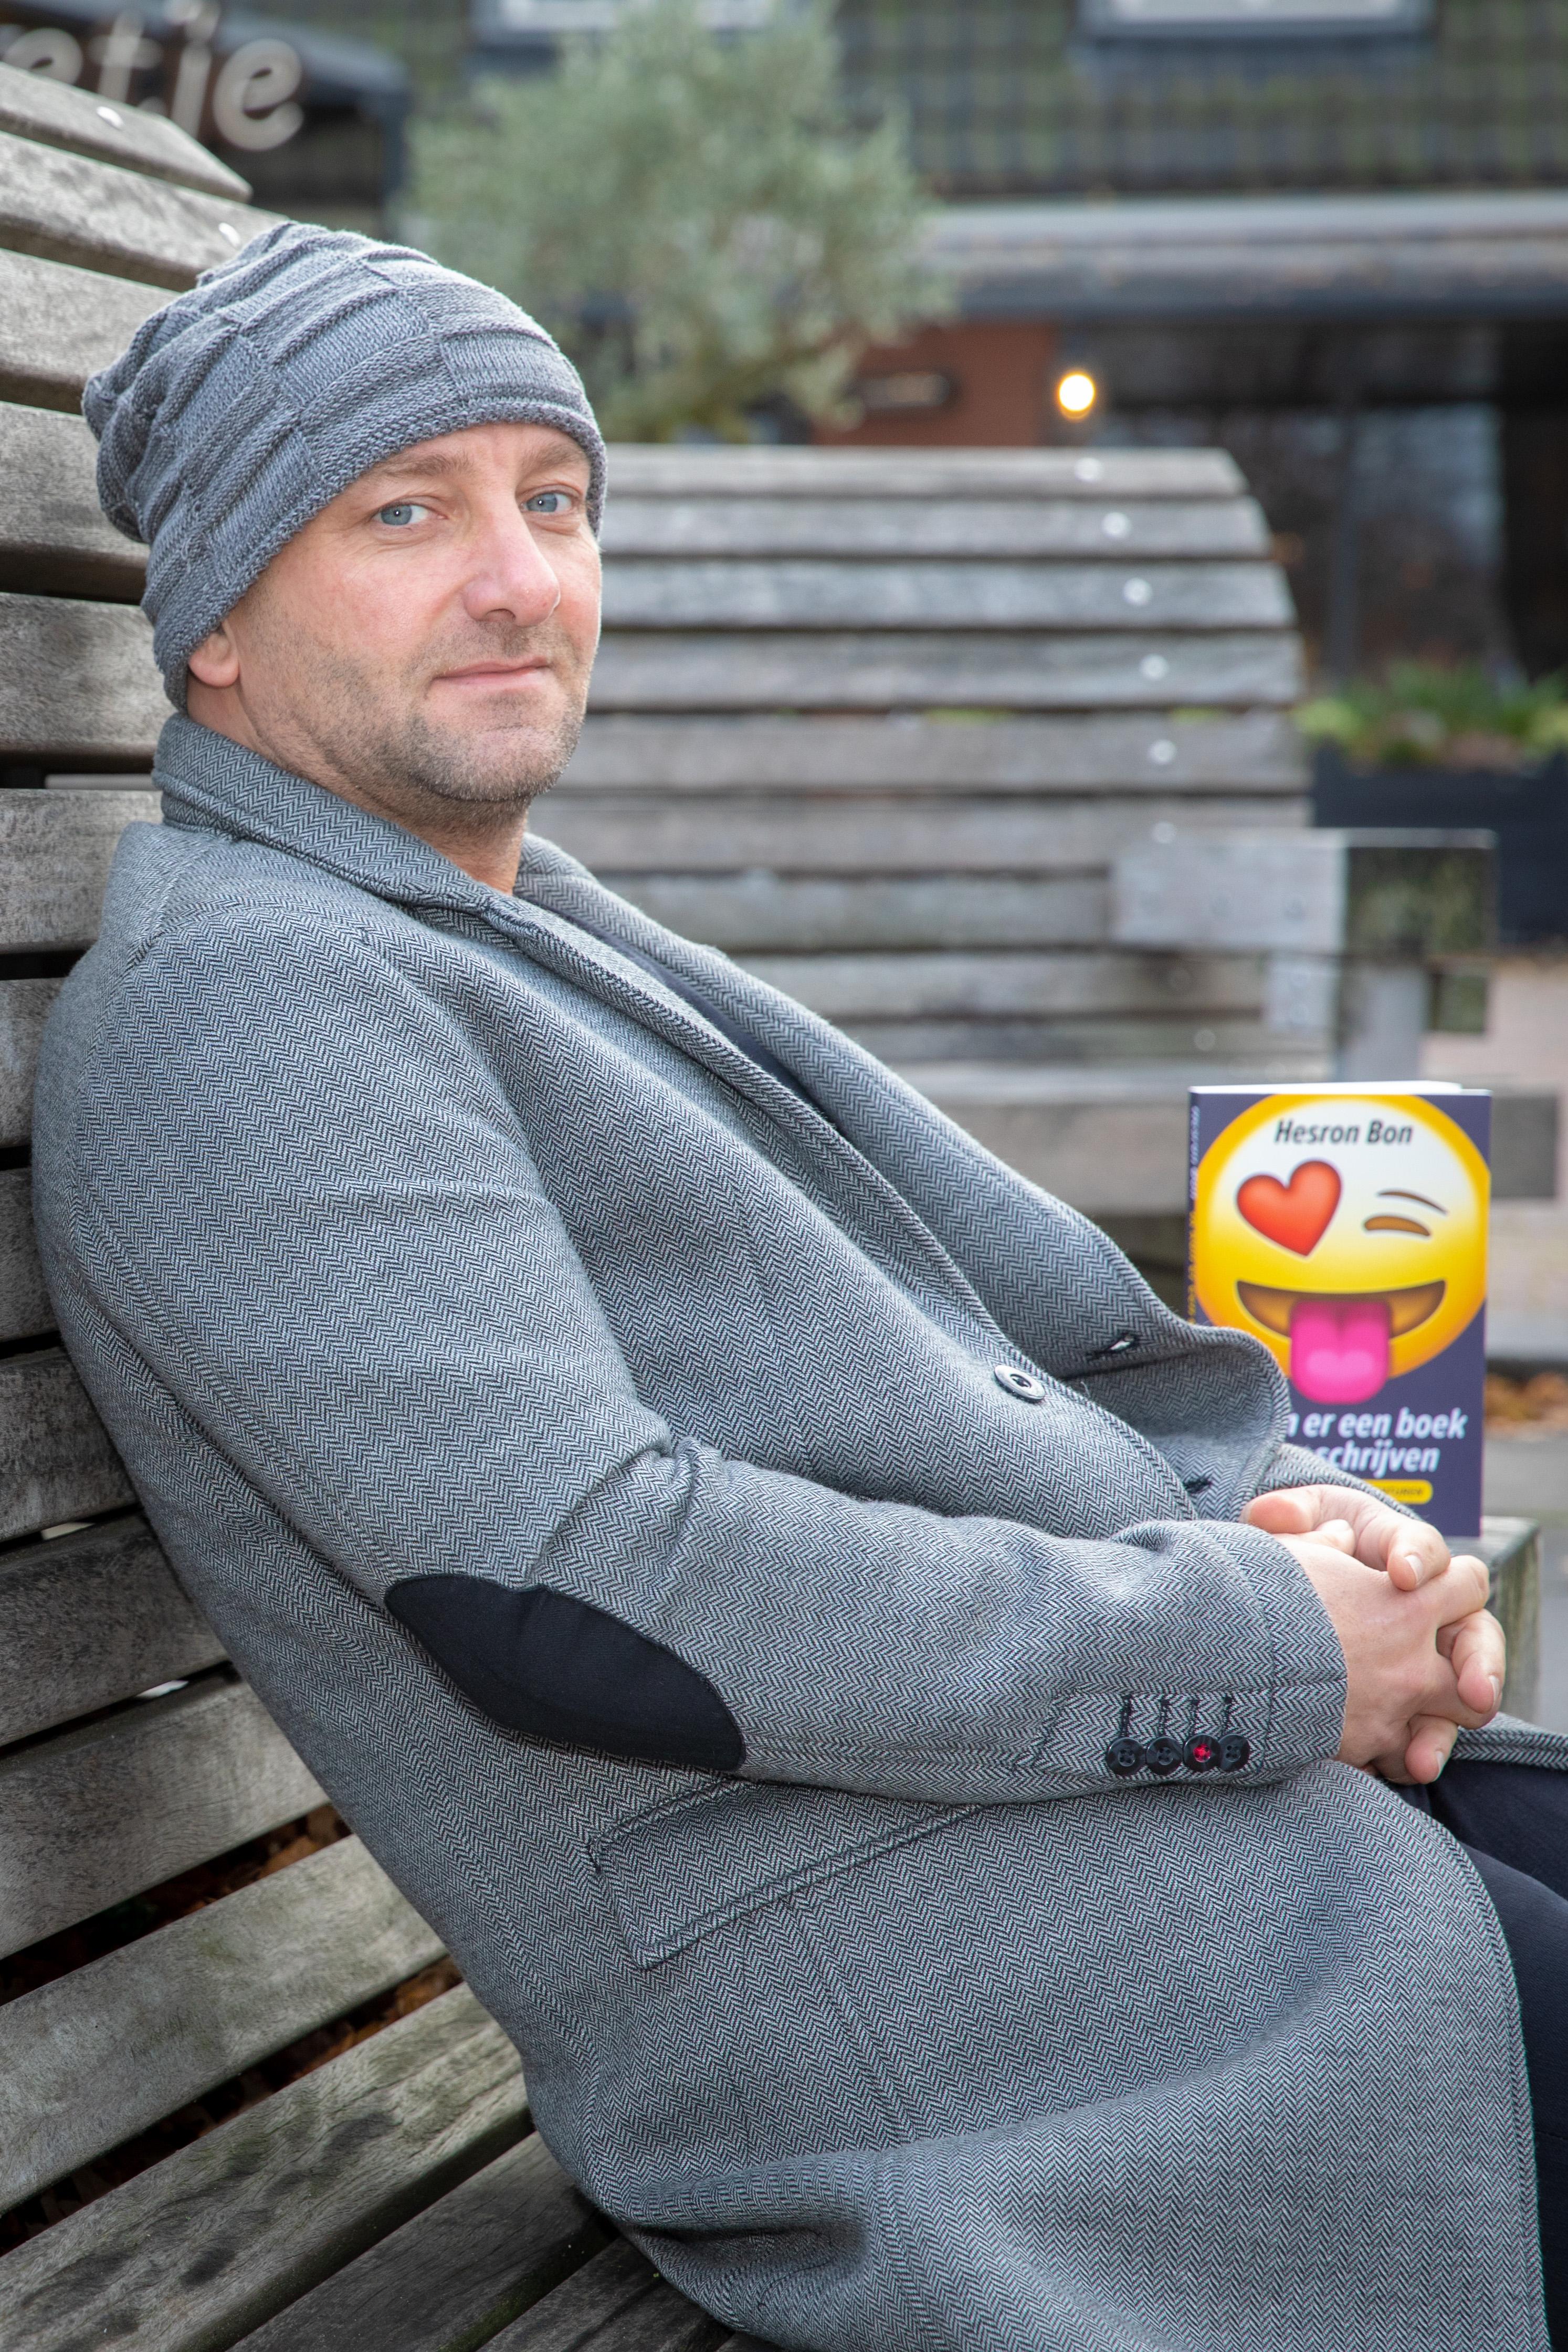 Bergenaar Hesron Bon schreef een akelig eerlijk boek over zijn zoektocht naar liefde op het werelwijde web. (foto: Vincent de Vries/RM) rodi.nl © rodi